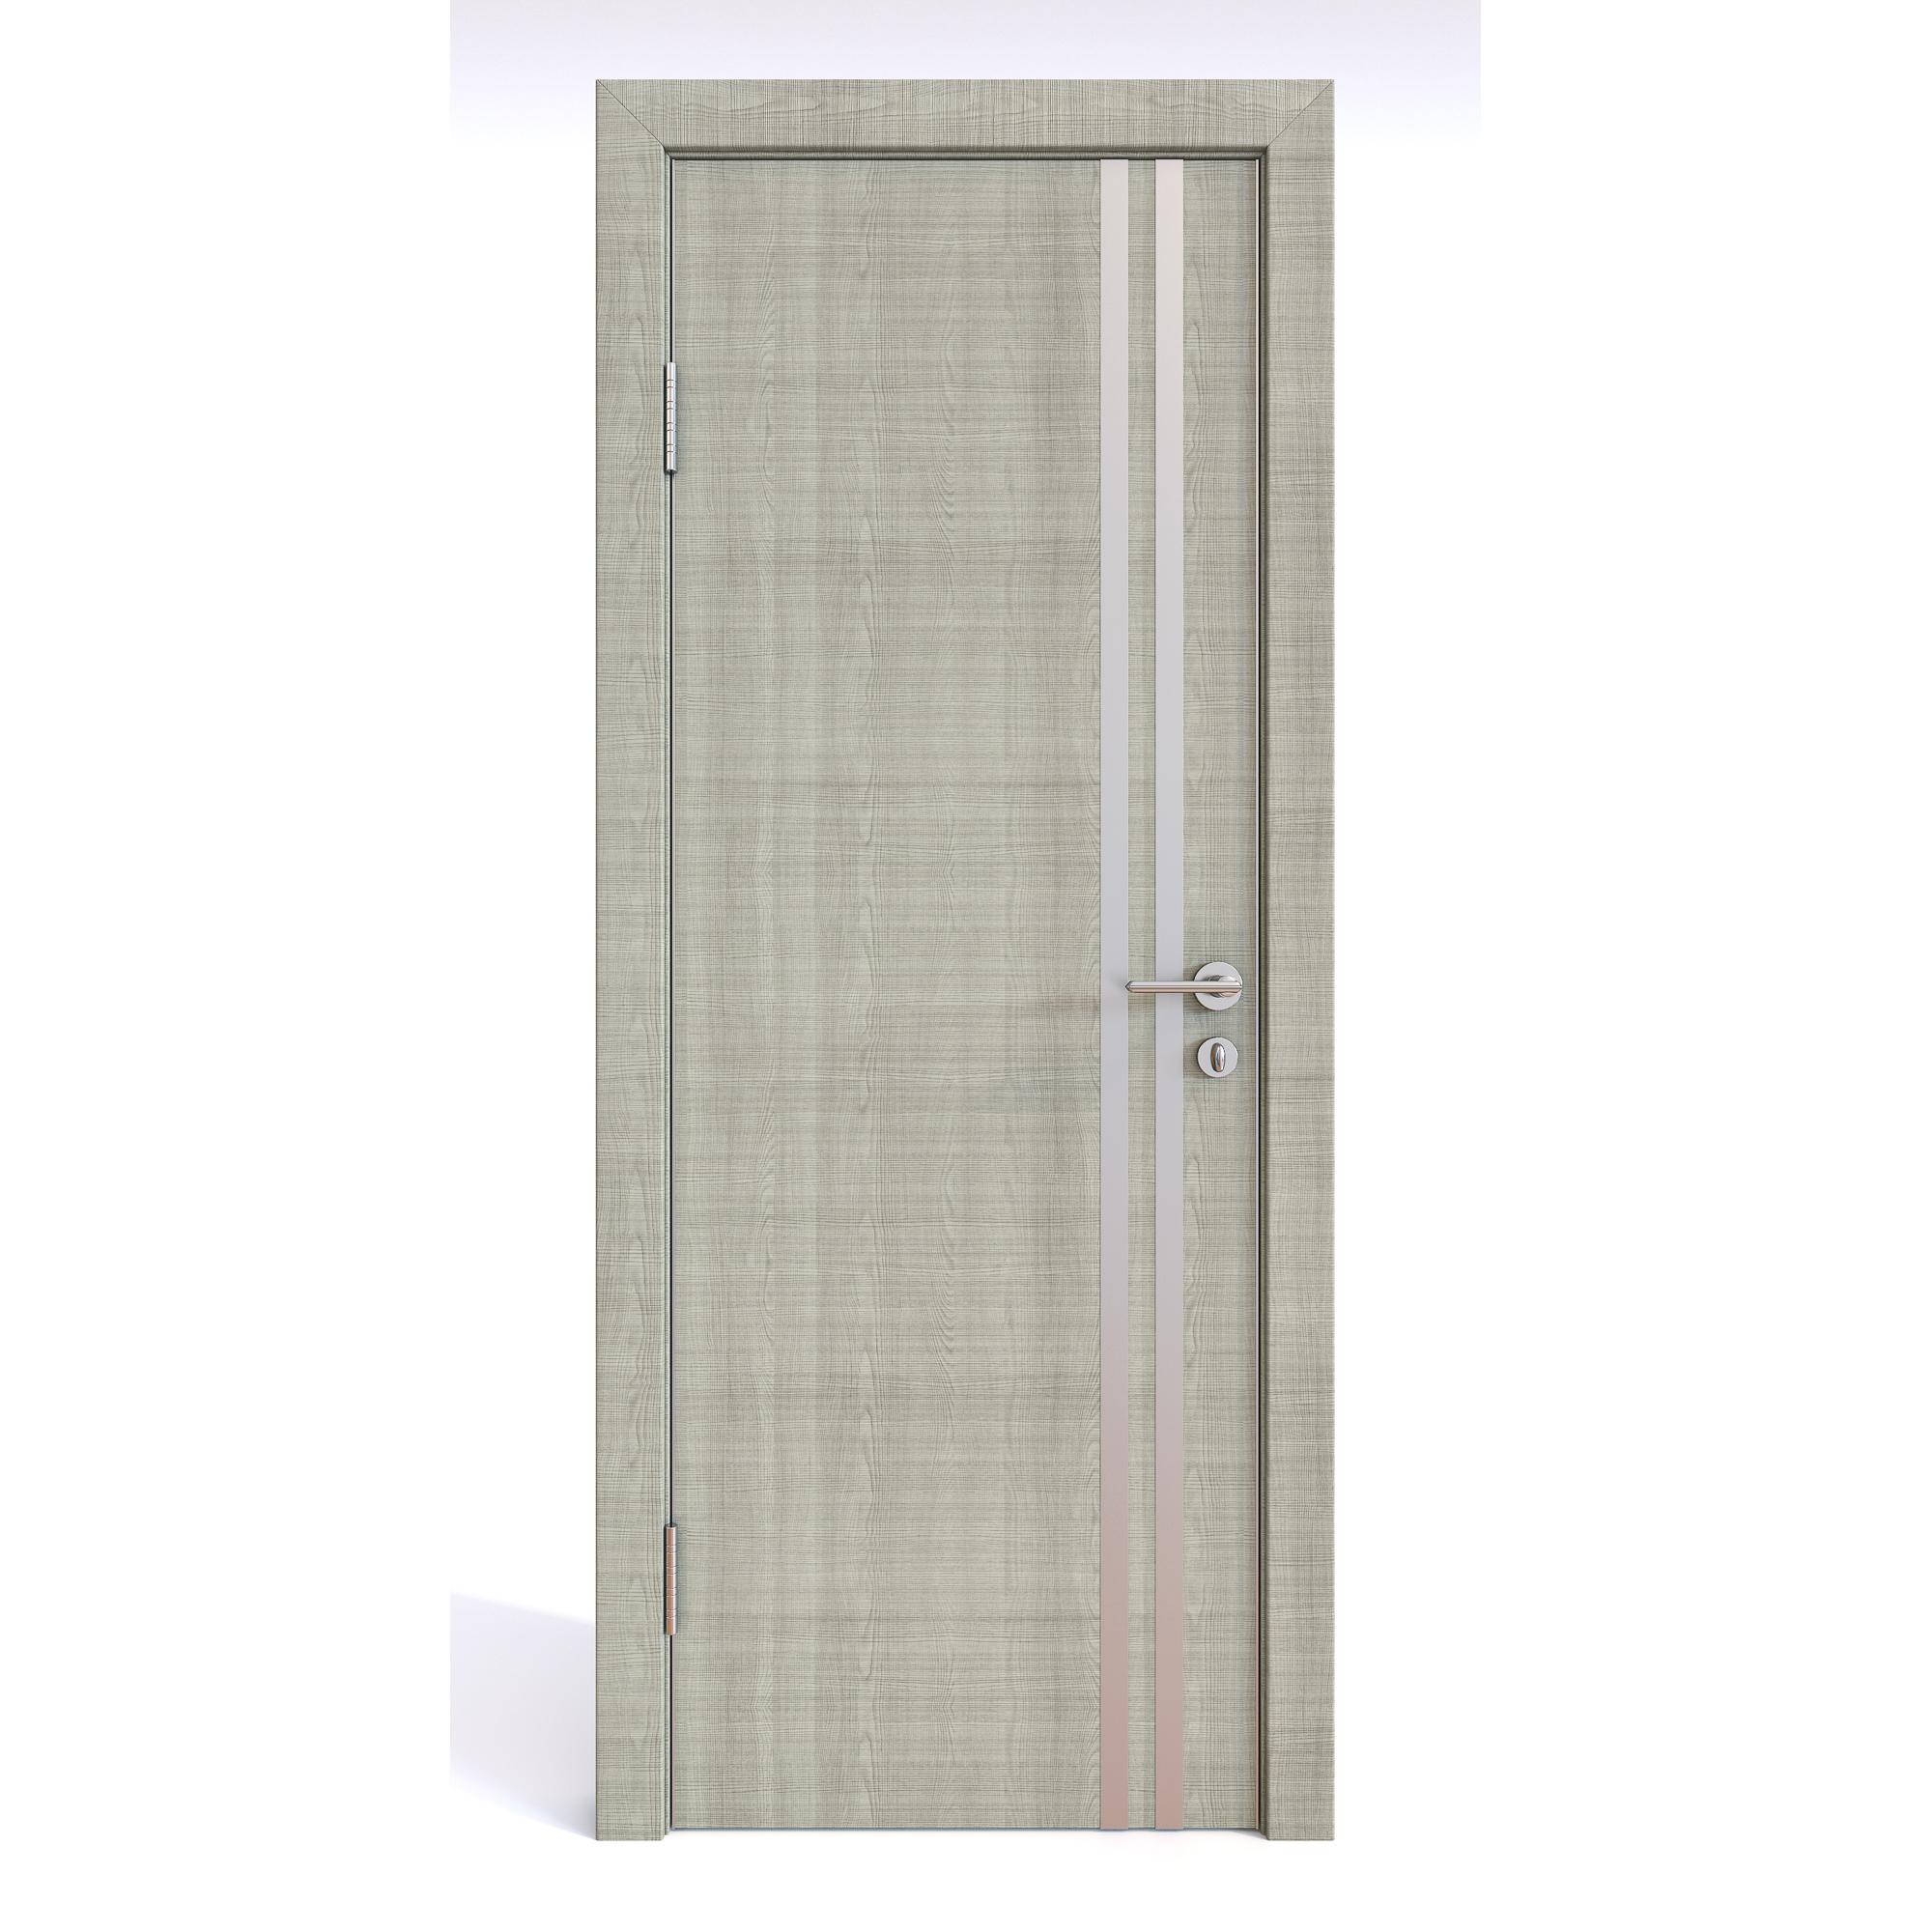 Межкомнатная шумоизоляционная дверь ДГ-606 Серый дуб 200х80 Дверная Линия фото